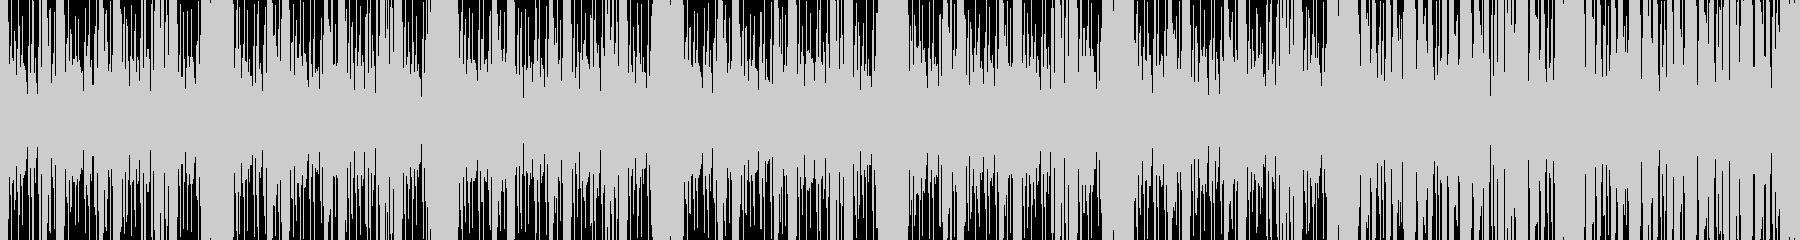 【ループ】緊迫感のあるベースサウンドの未再生の波形